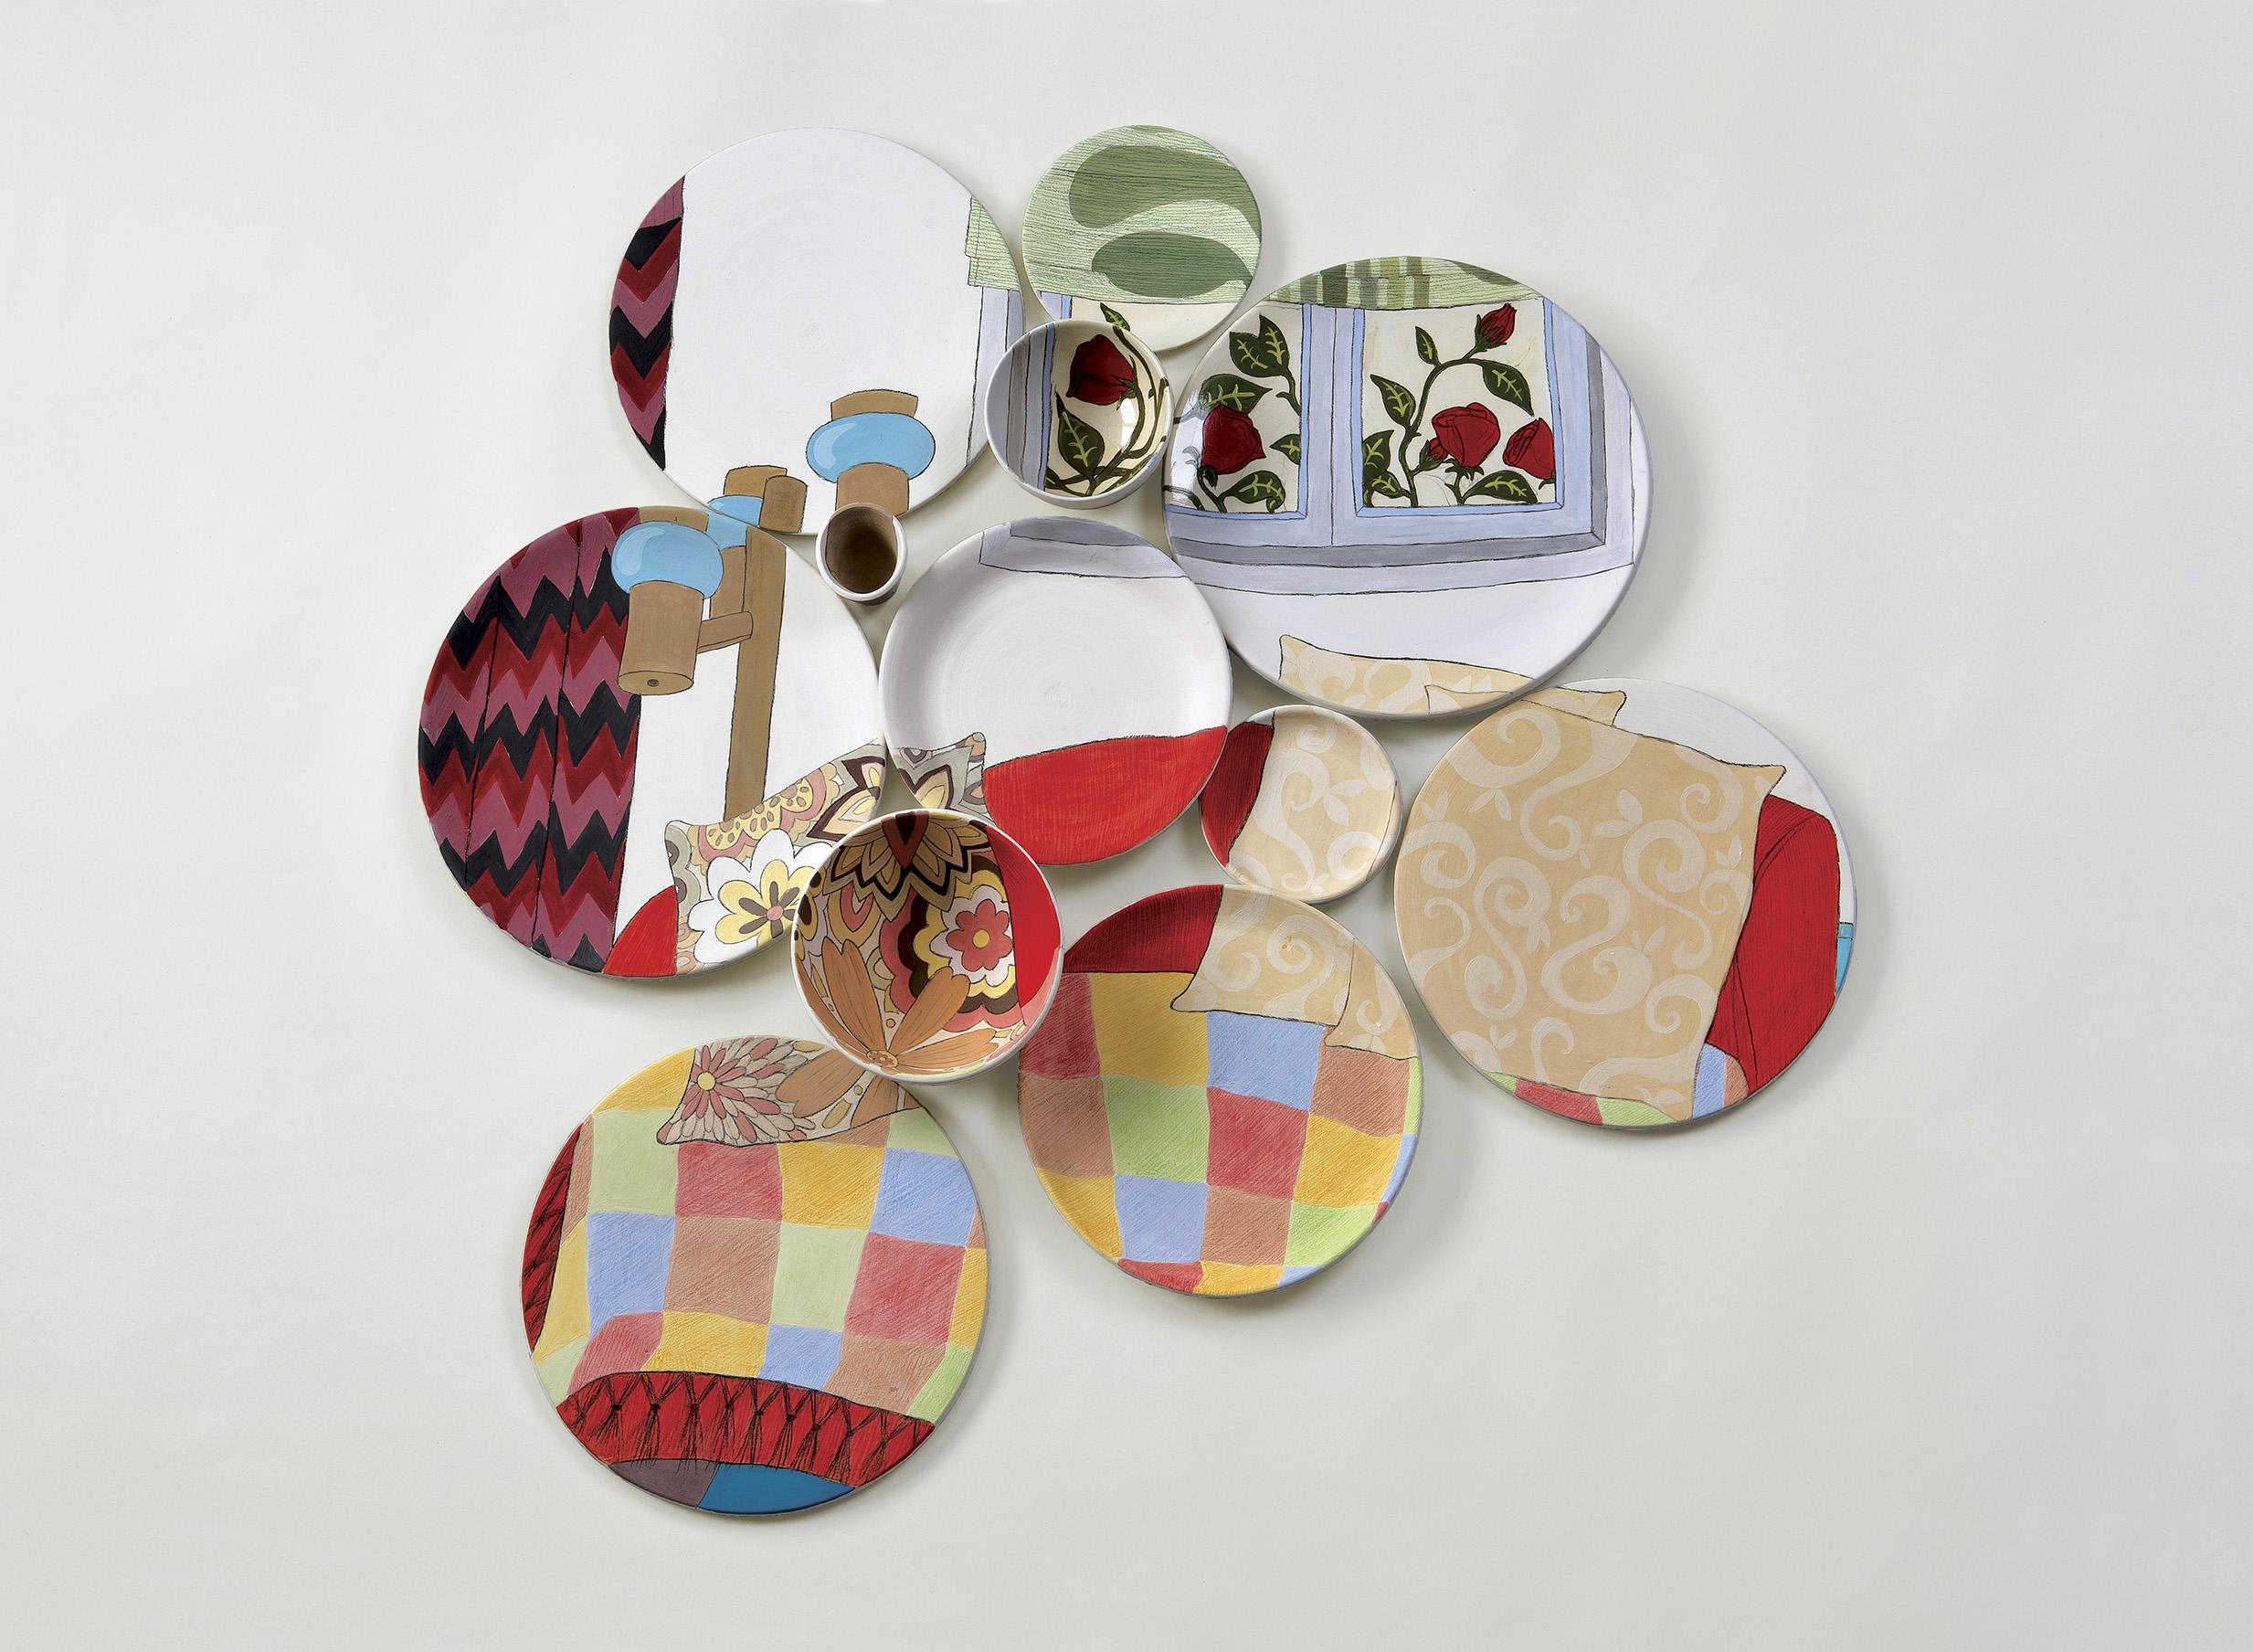 8-е израильское биеннале керамики. «Материал — сырой/обожженный». С 1 августа в музее Эрец-Исраэль (МУЗА)